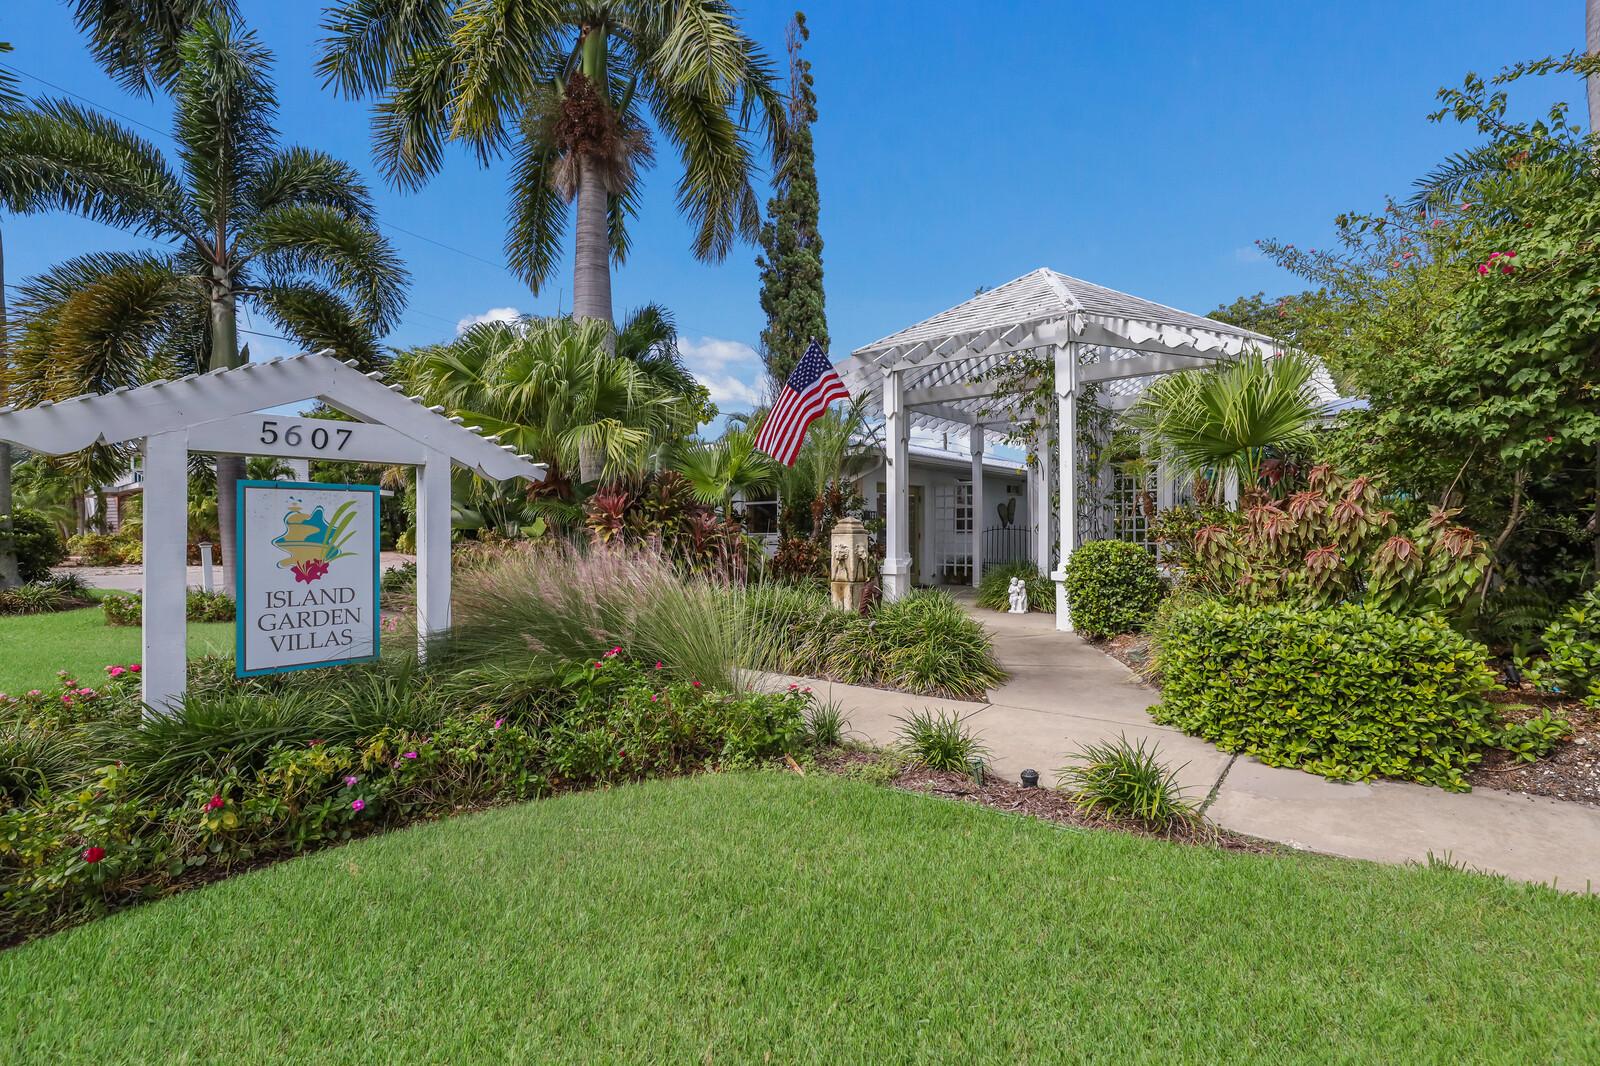 Welcome to Island Garden Villas